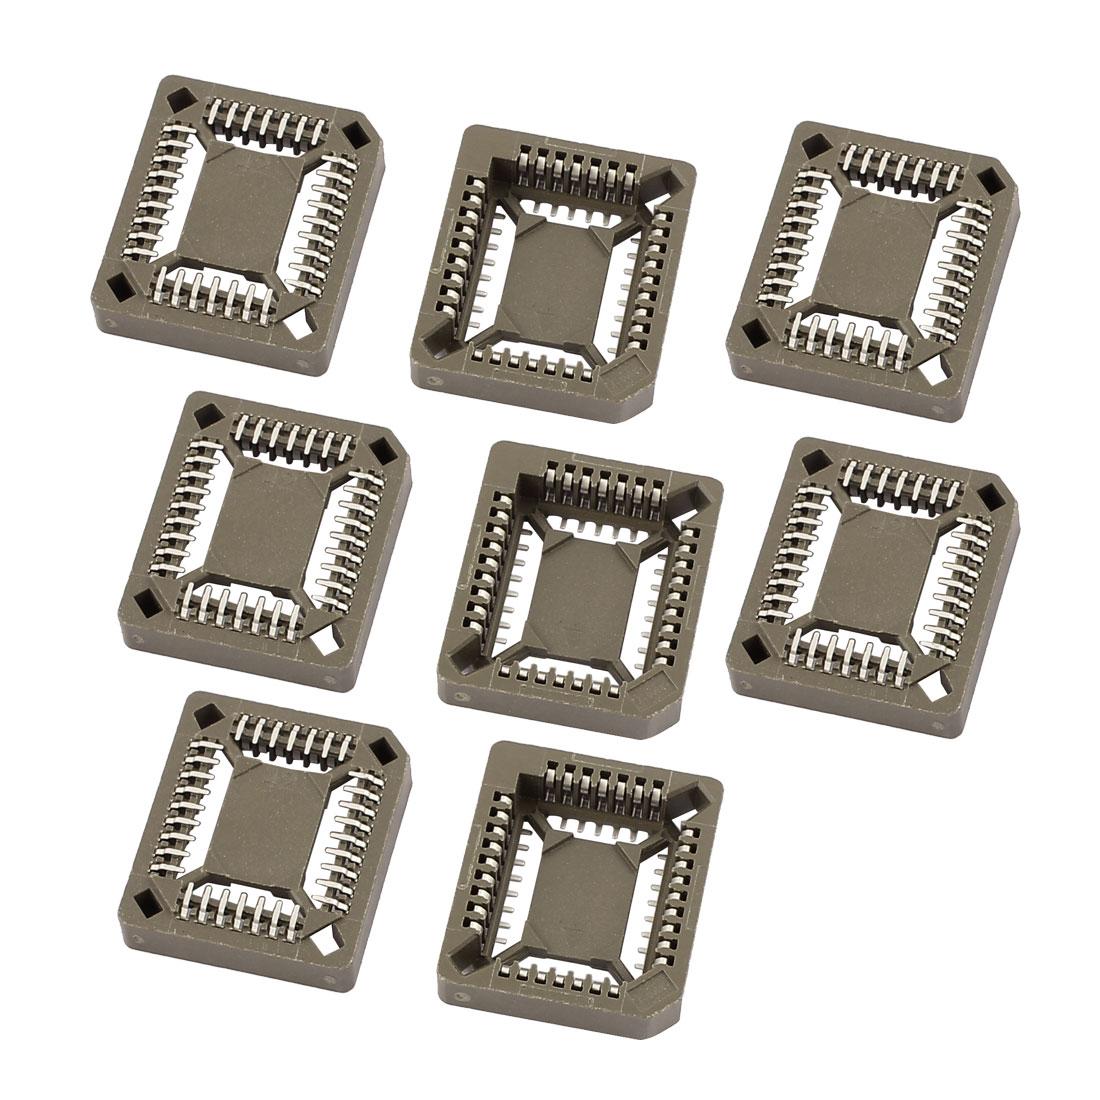 8 Pcs PLCC 32 SMT Surface Mount IC Socket for SMT Chips 20mm x 17mm